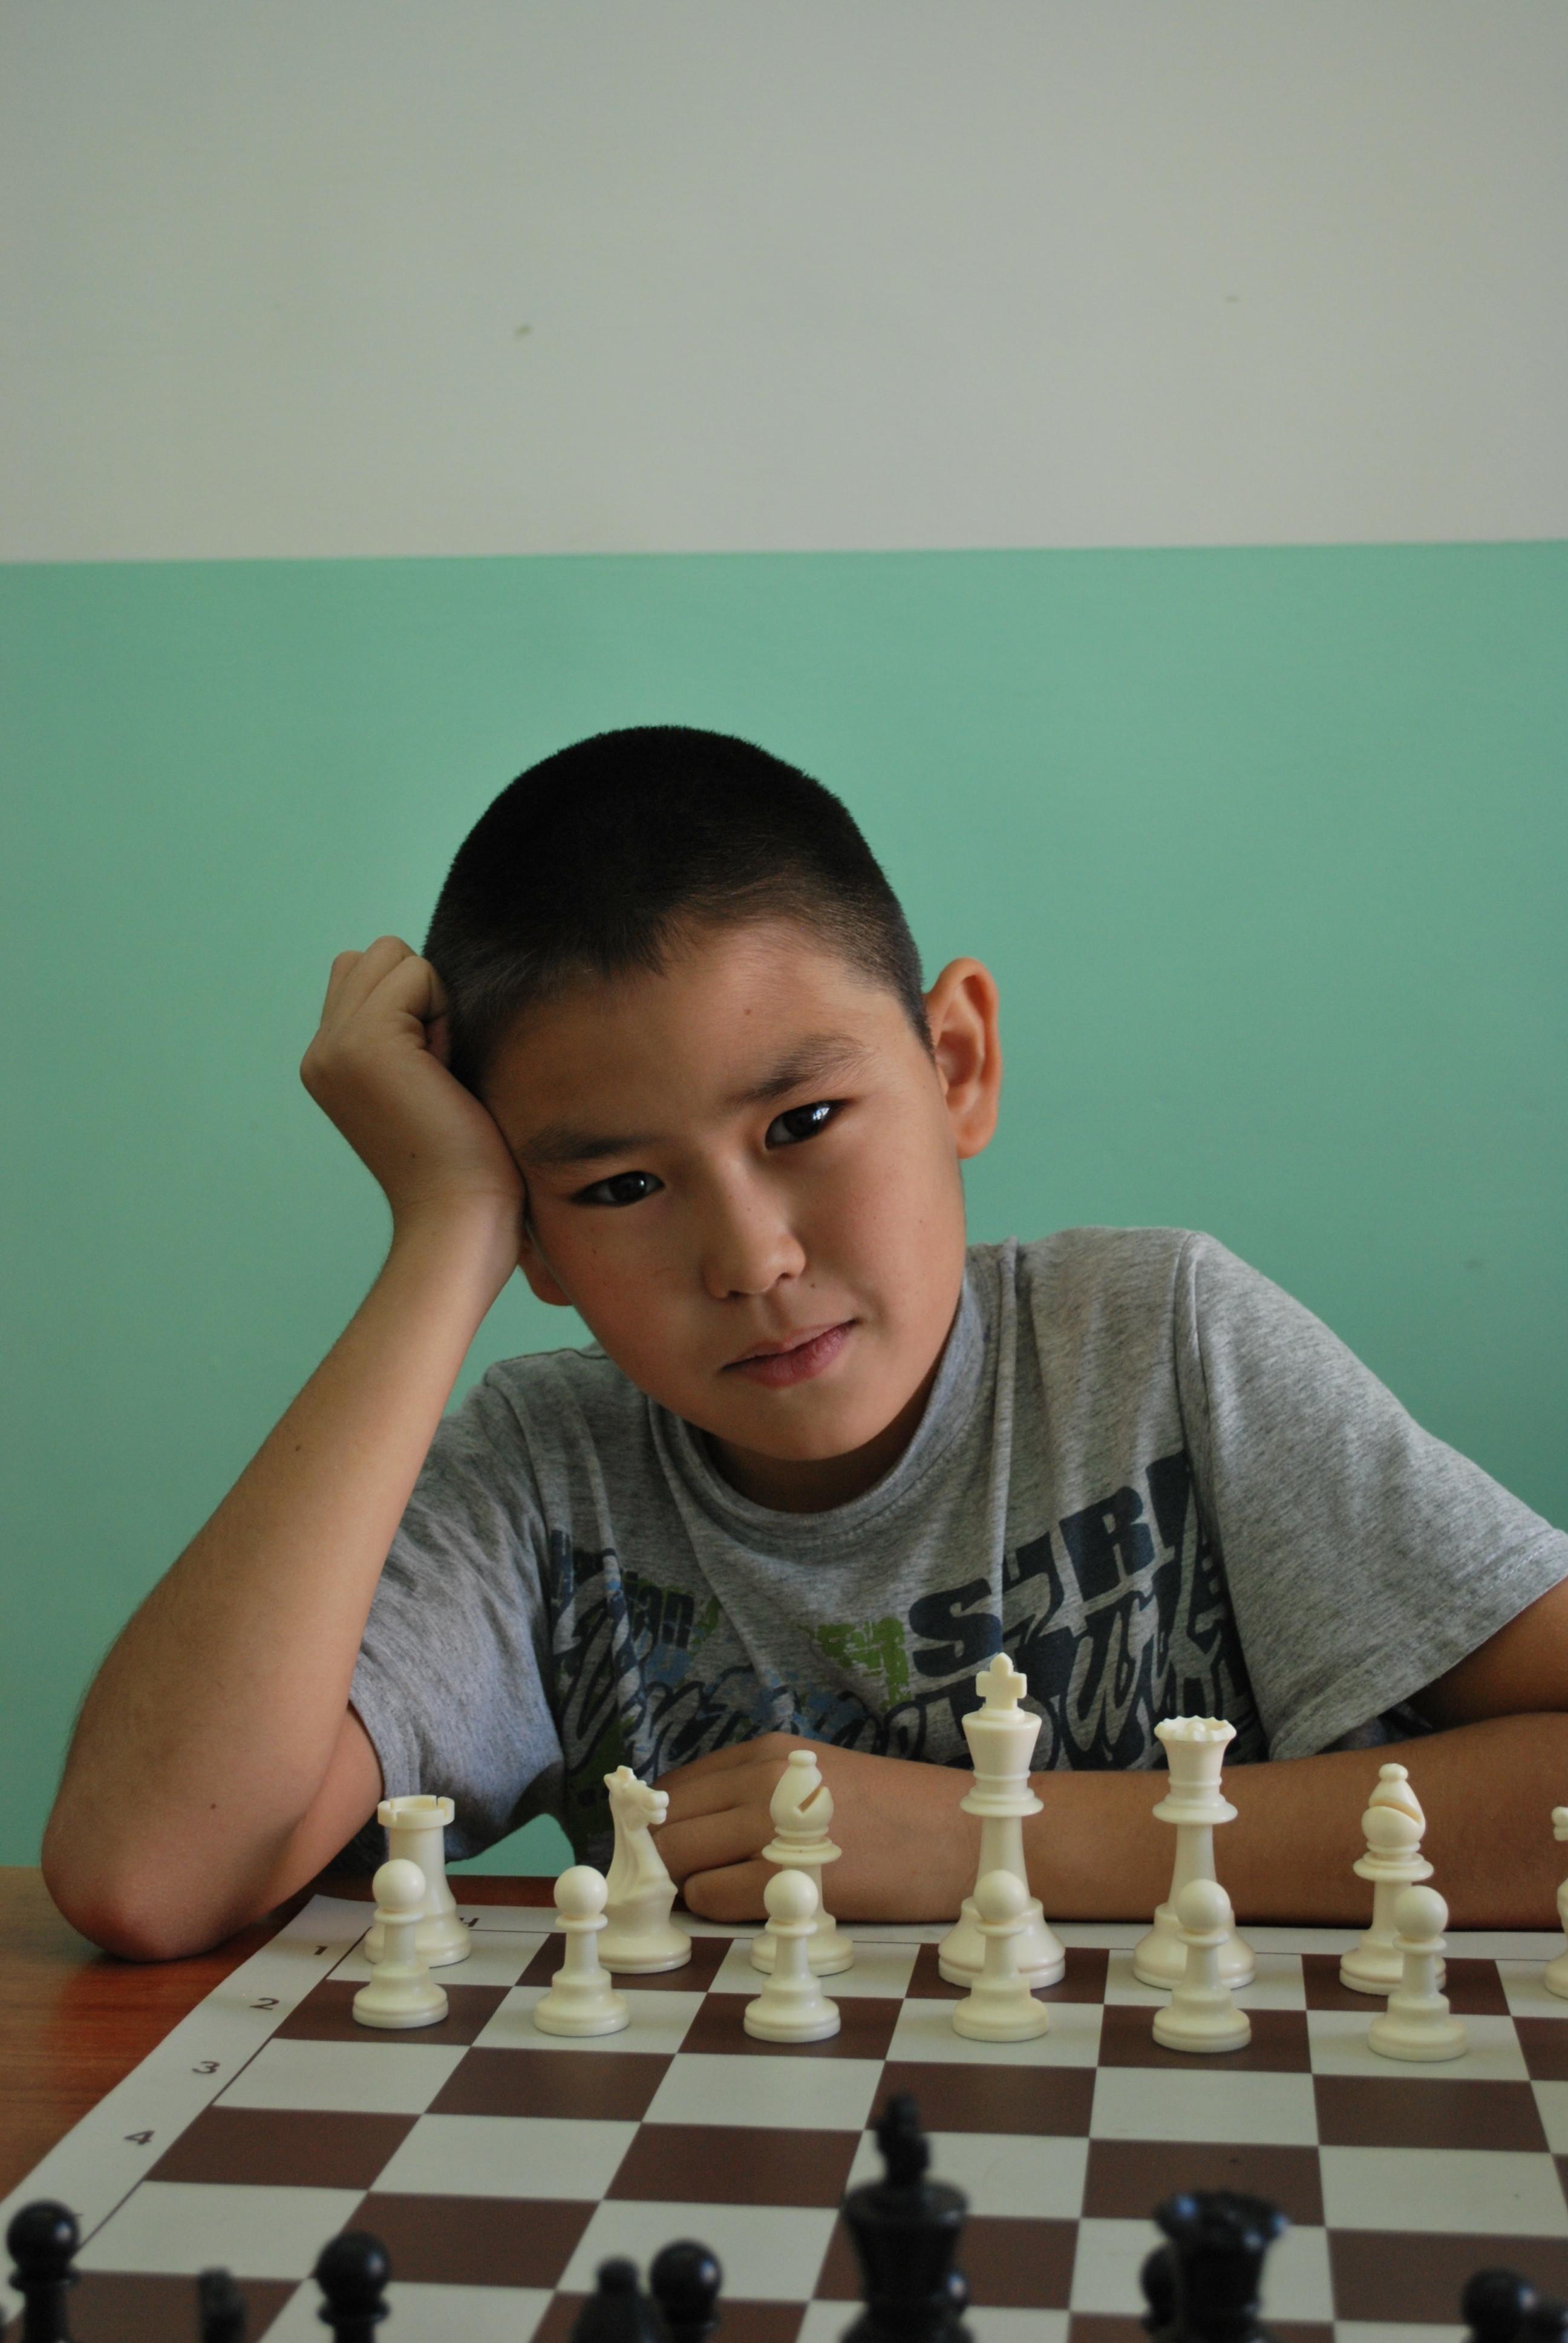 Шахматисты 035